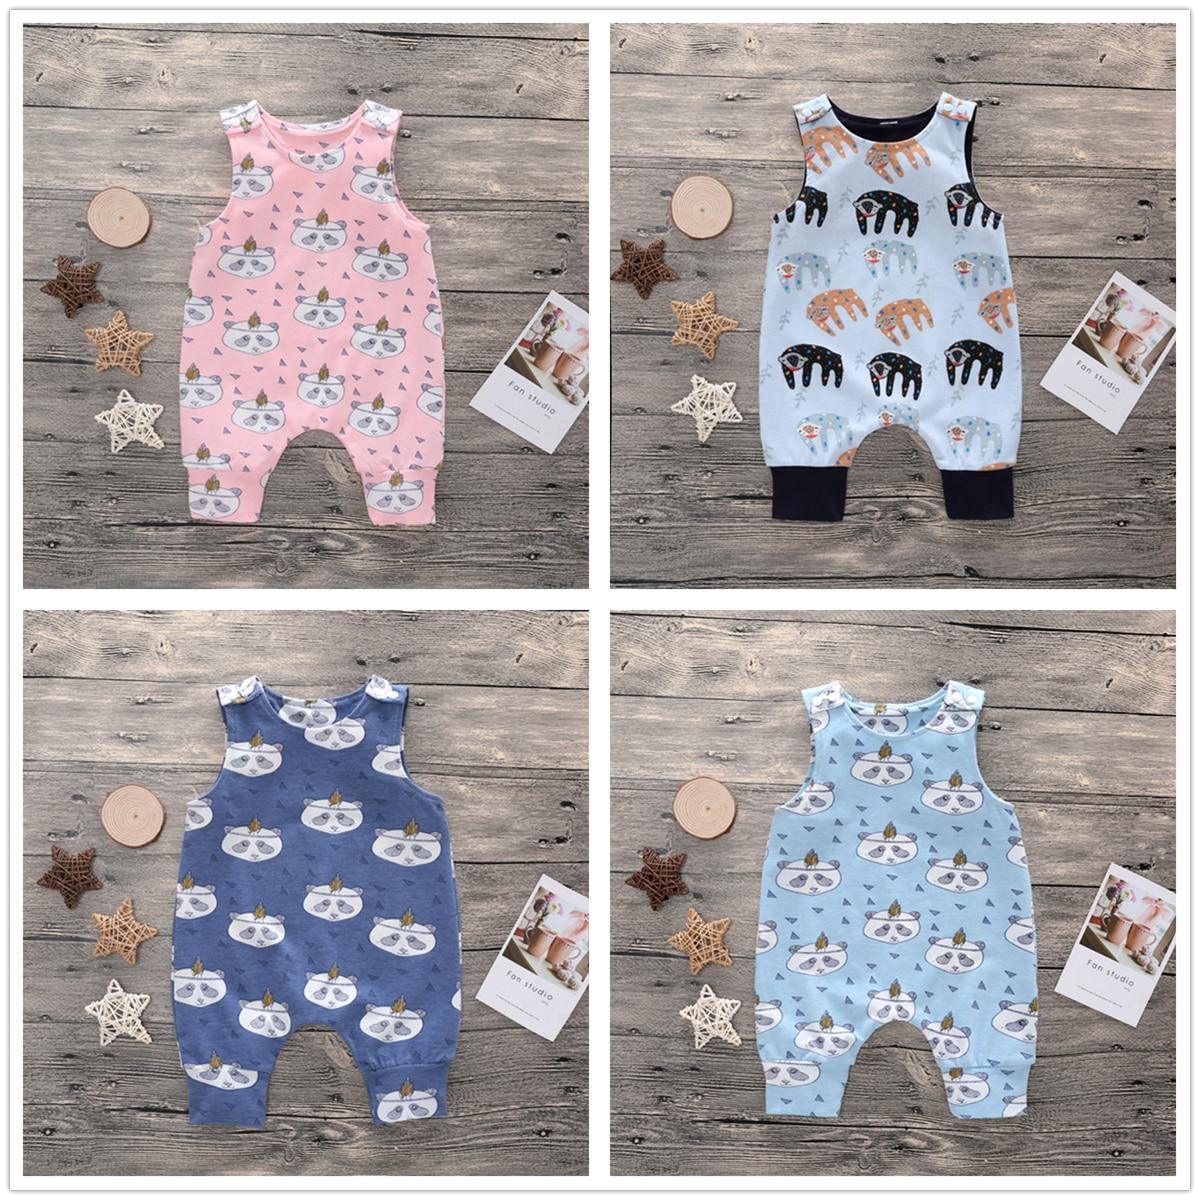 0-2y Unisex Pasgeboren Meisje Romper Peuter Jongen Kleding Katoen Rompertjes Zomer Roze Jumpsuit Baby Blauw Cartoon Panda Baby Playsuit Pure Witheid